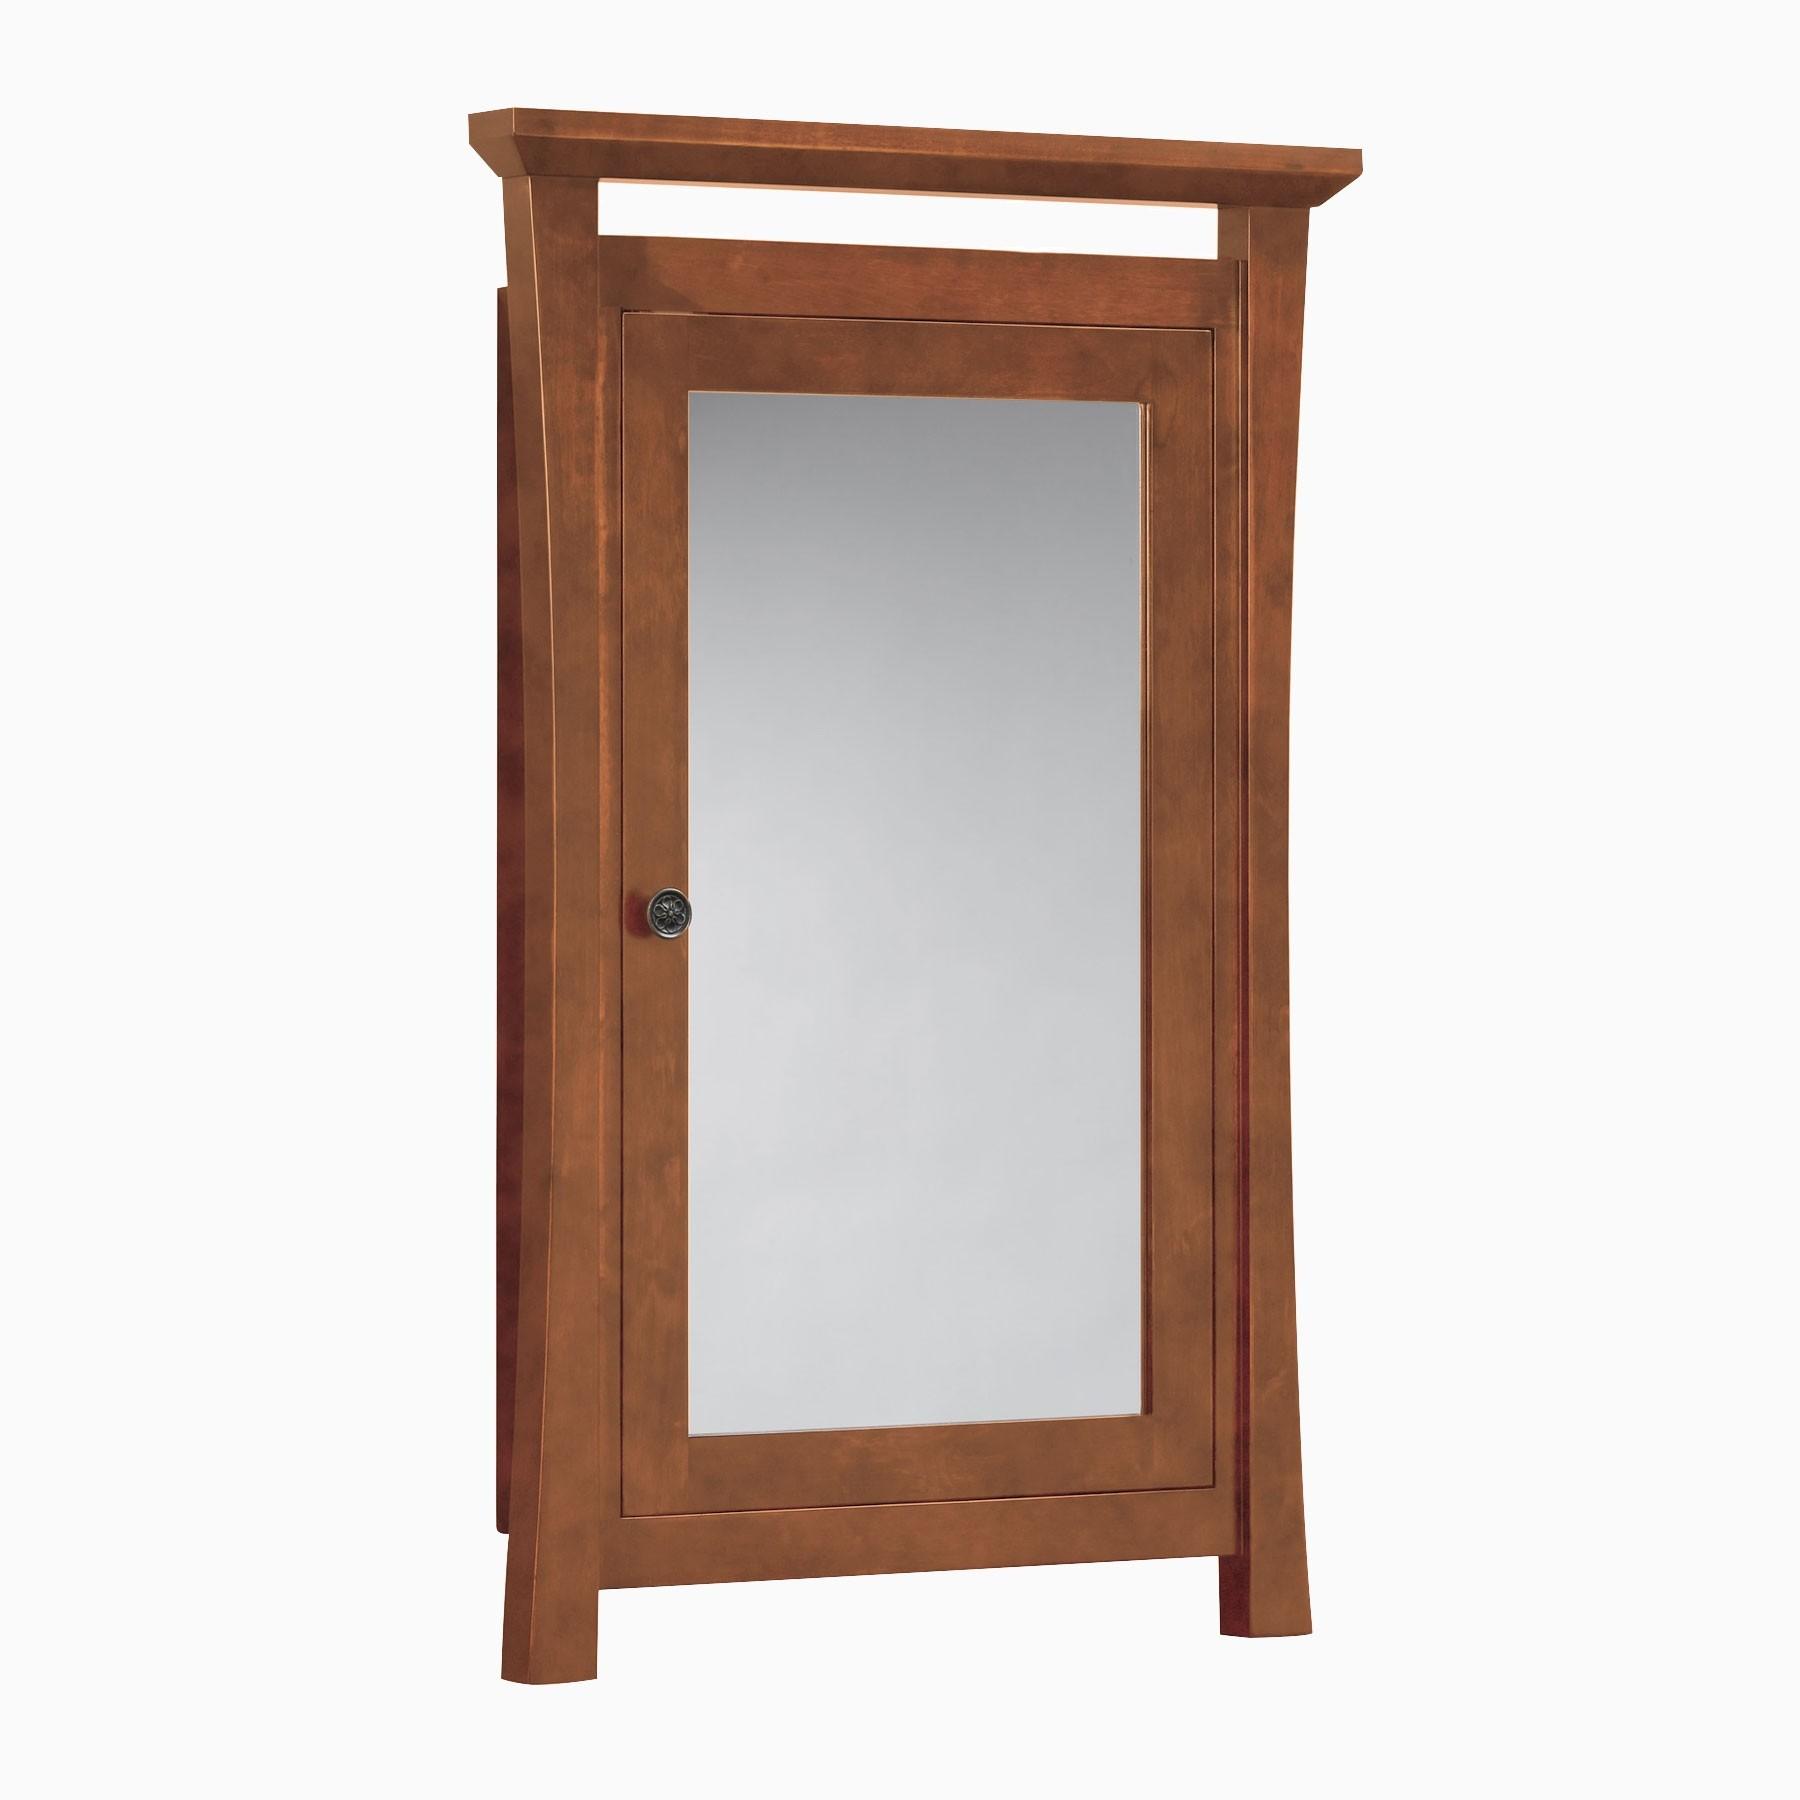 Wood Framed Medicine Cabinet